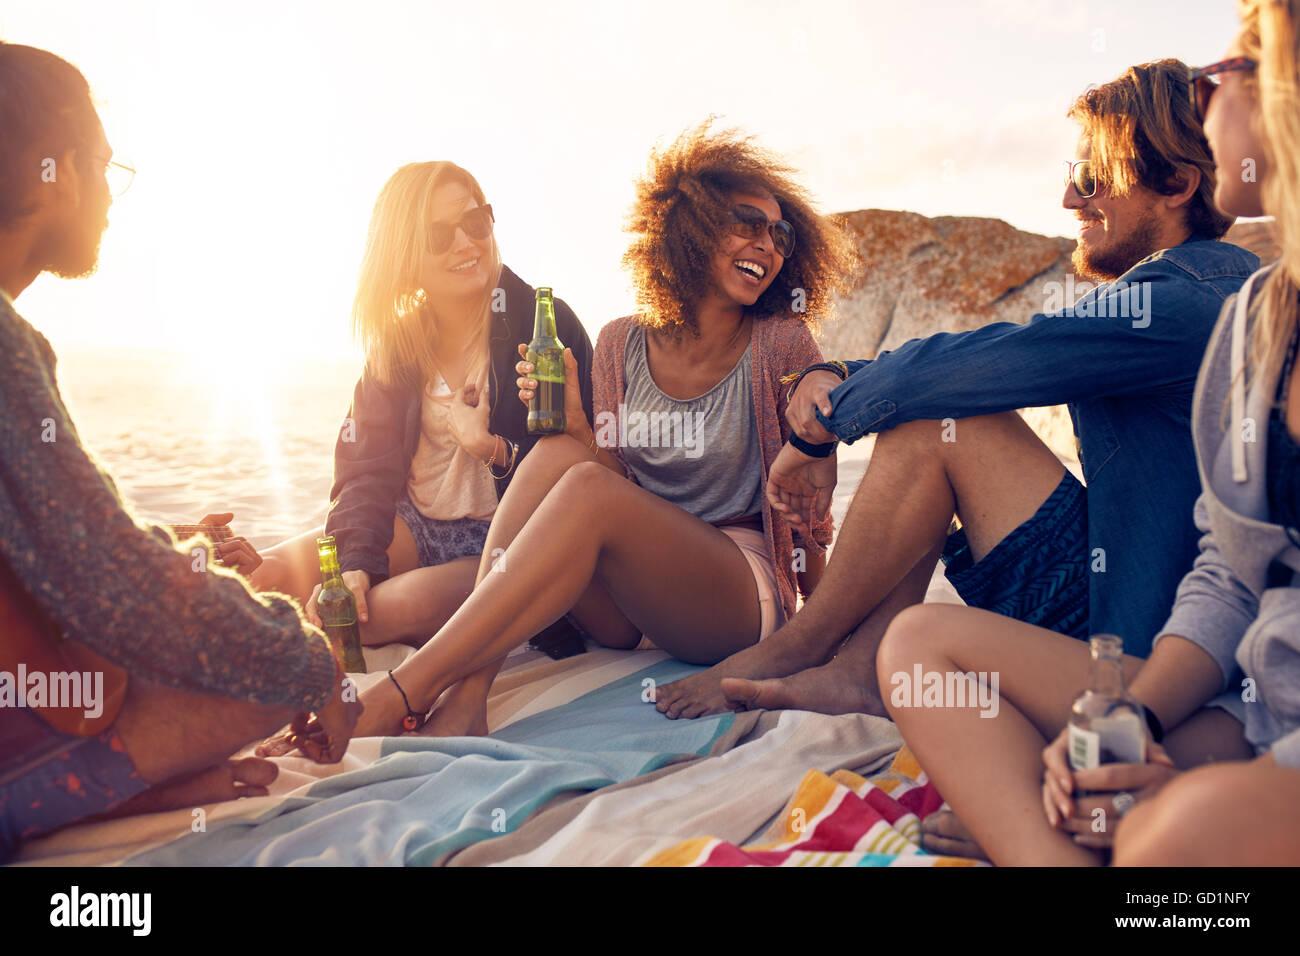 Mischlinge-Freunde, die Spaß am Strand. Gruppe der glückliche junge Menschen sitzen zusammen am Strand Stockbild